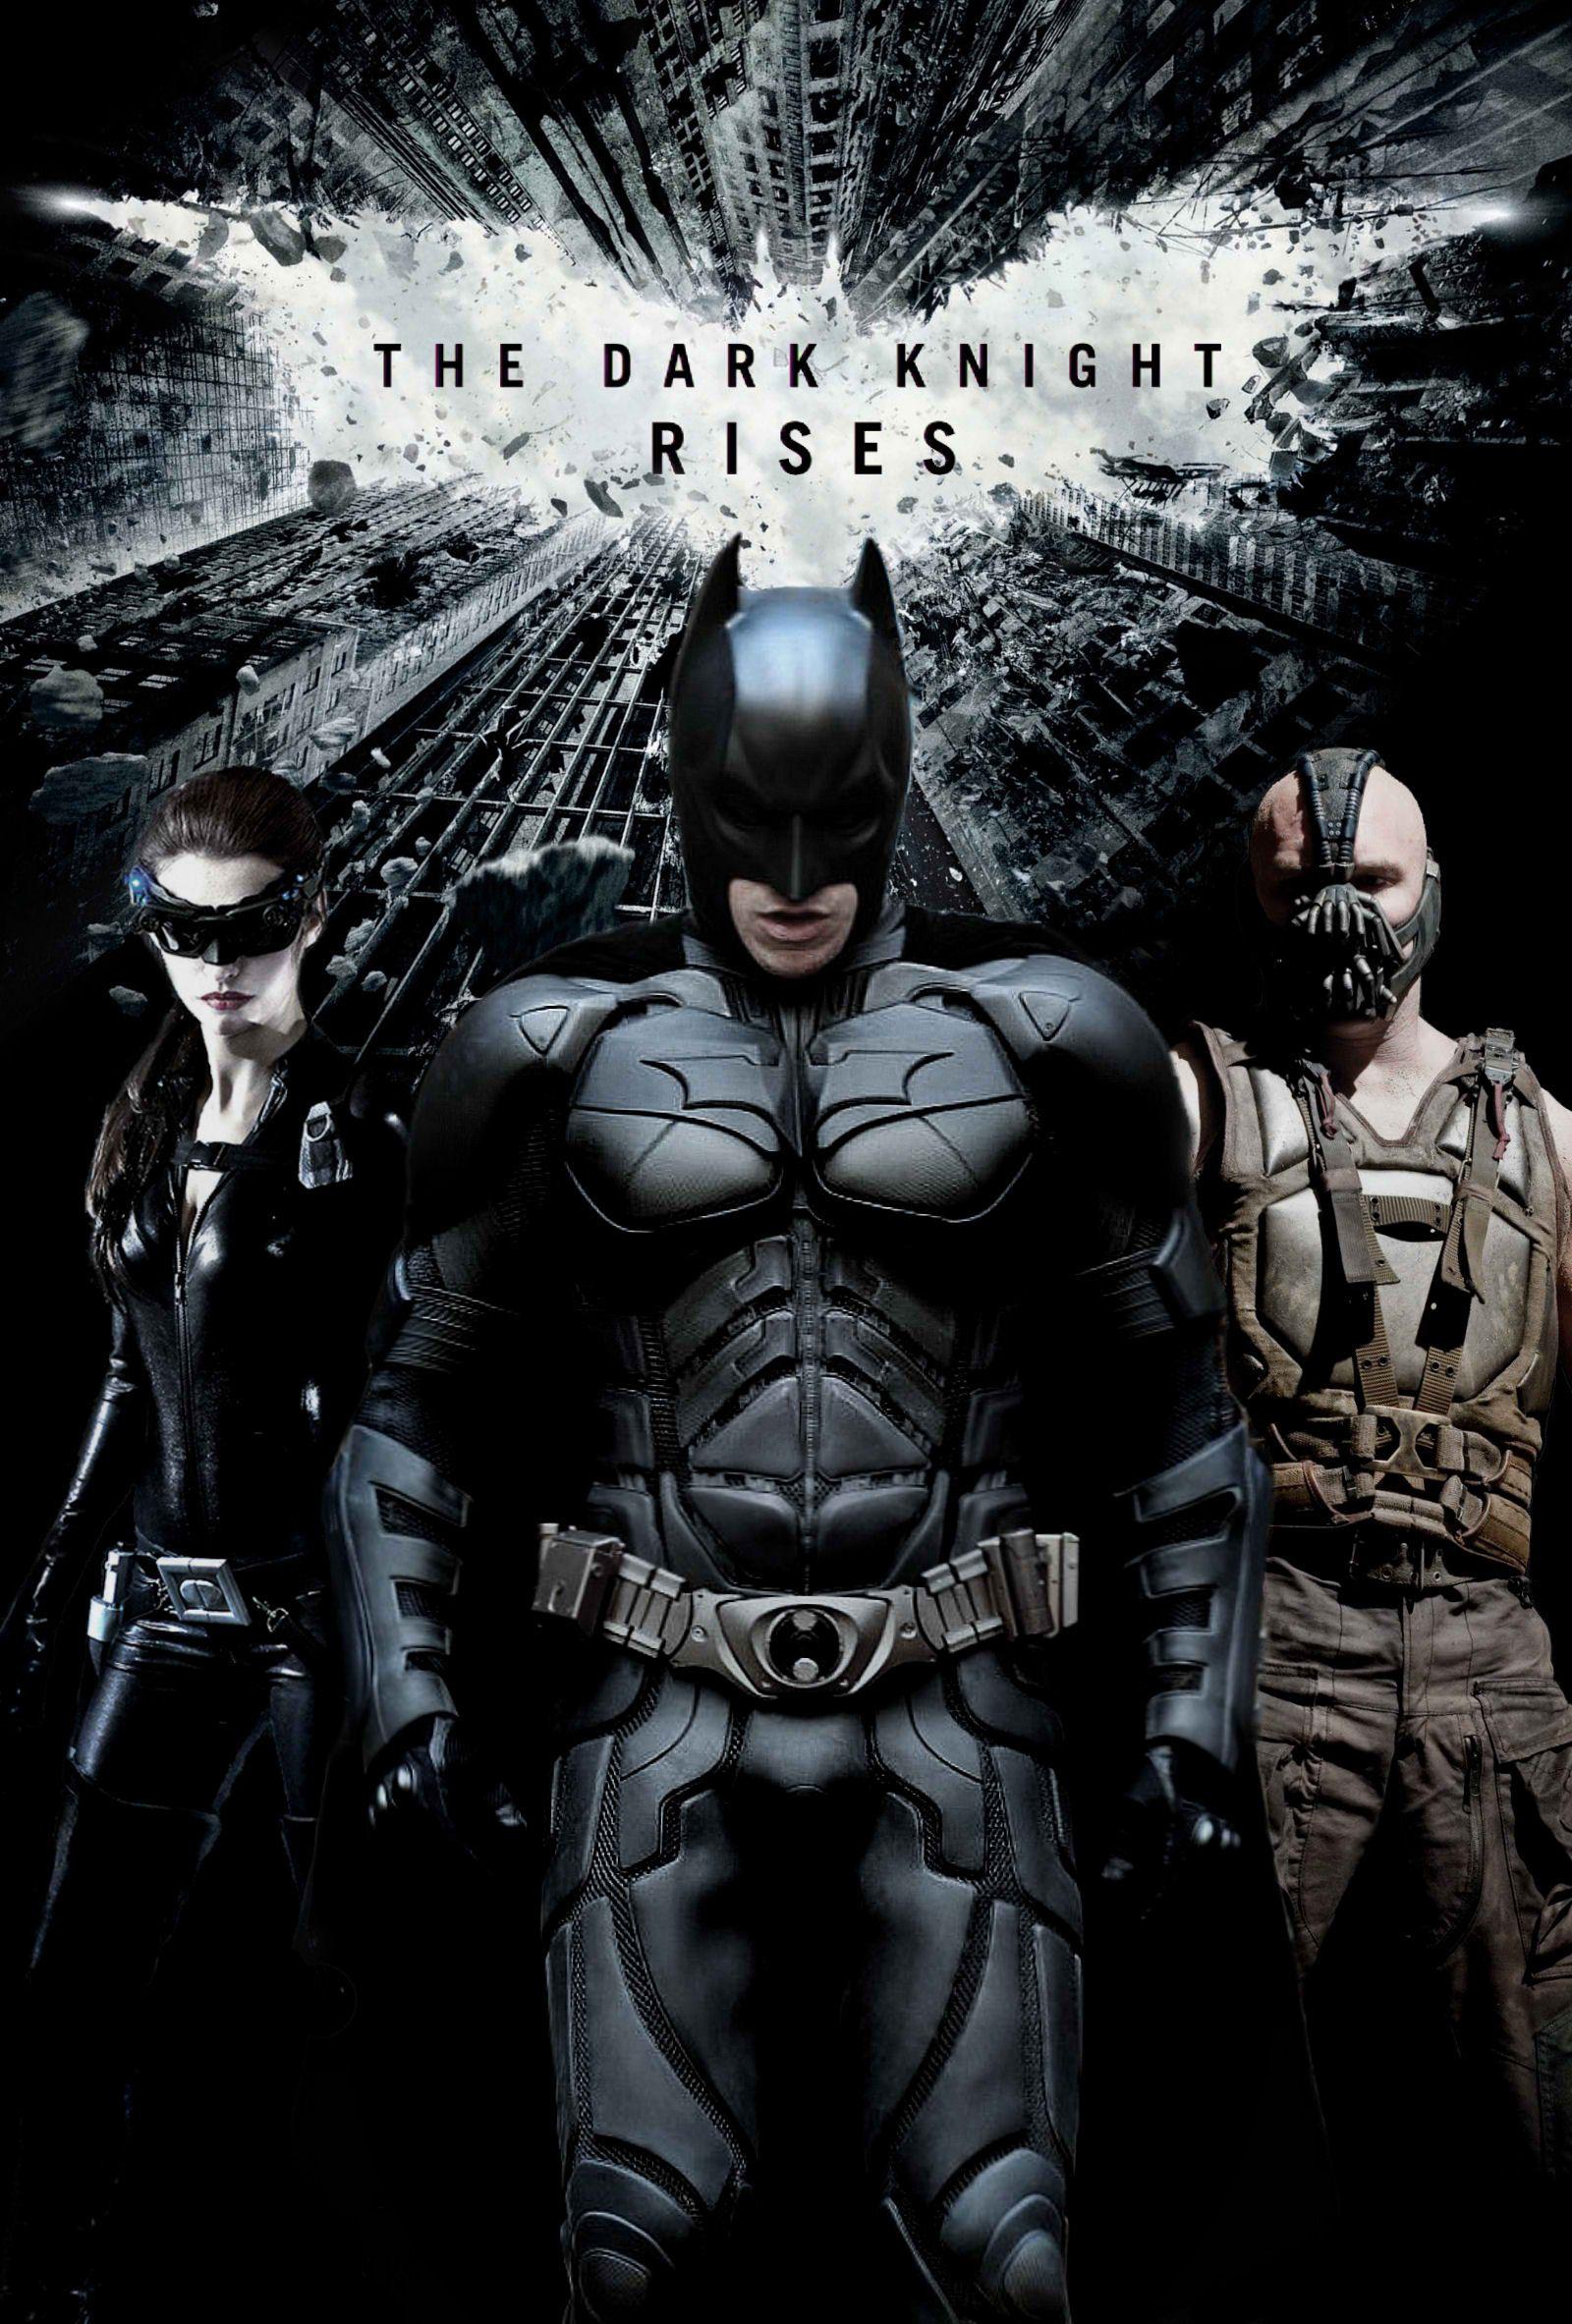 The Dark Knight Rises Movie Watch Online